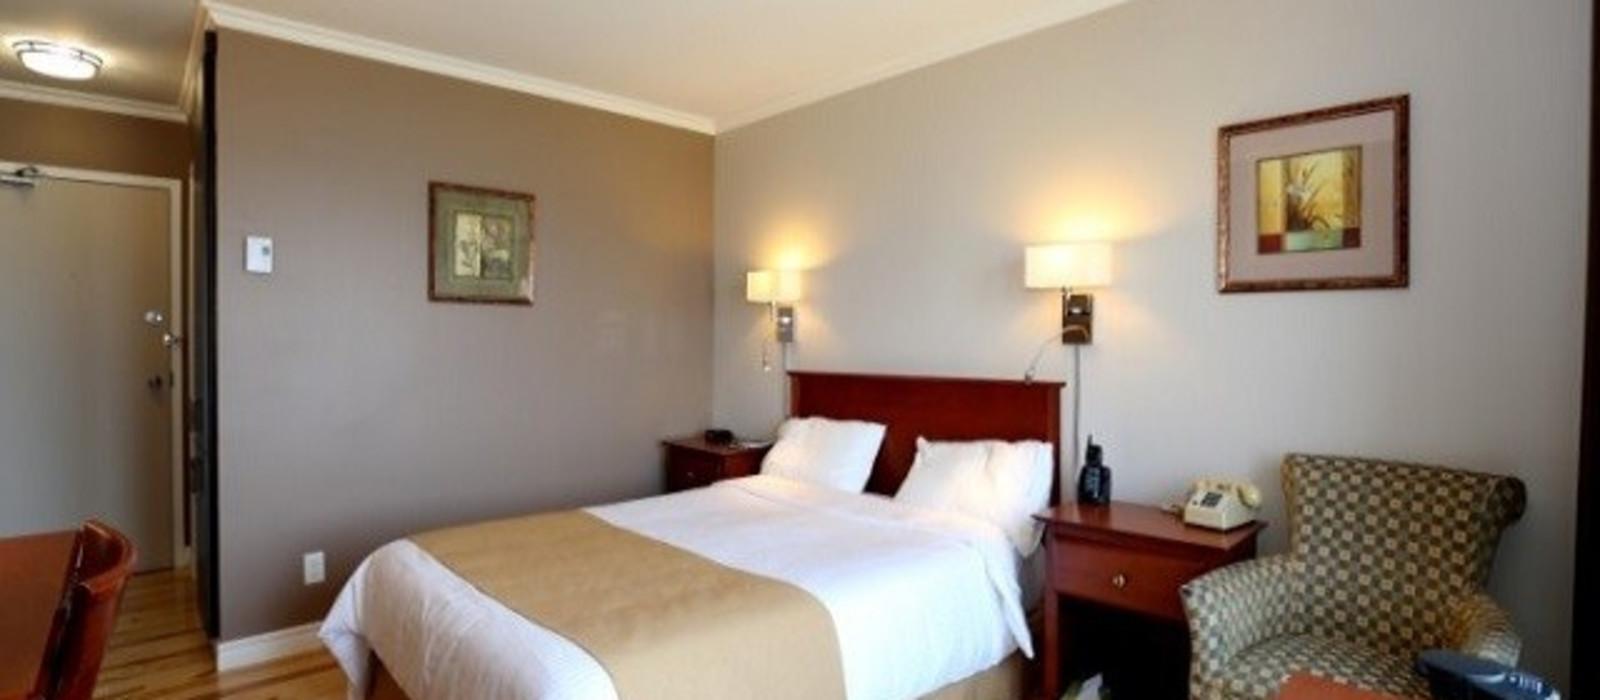 Hotel Auberge Des Battures %region%